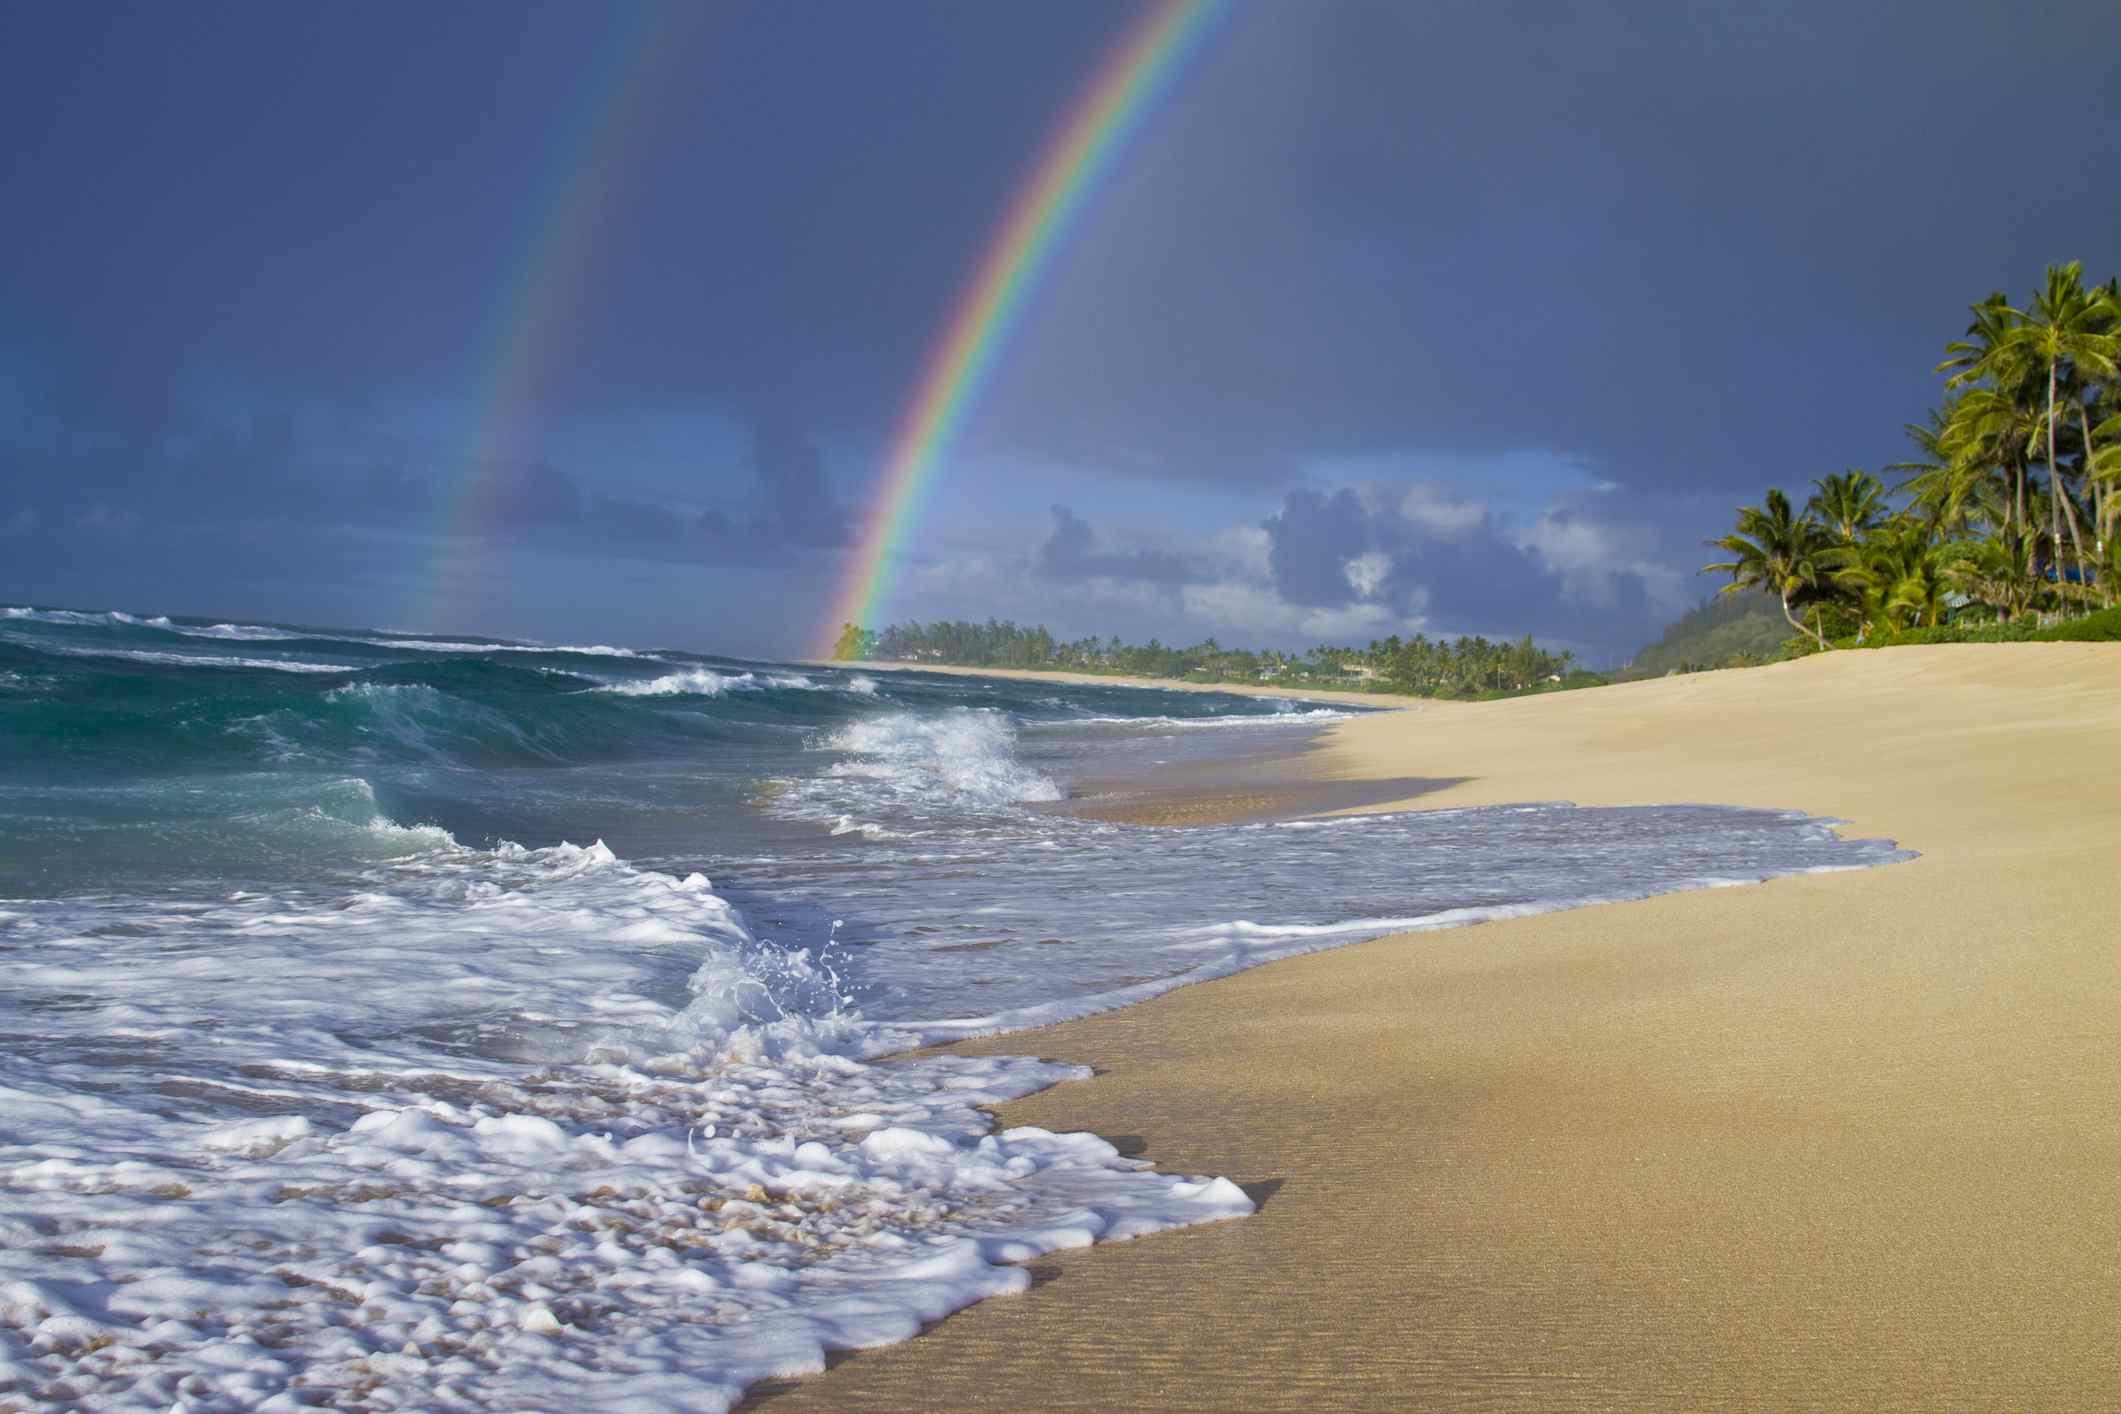 Un increíble arco iris doble sobre Rocky Point, en la costa norte de Oahu, Hawai